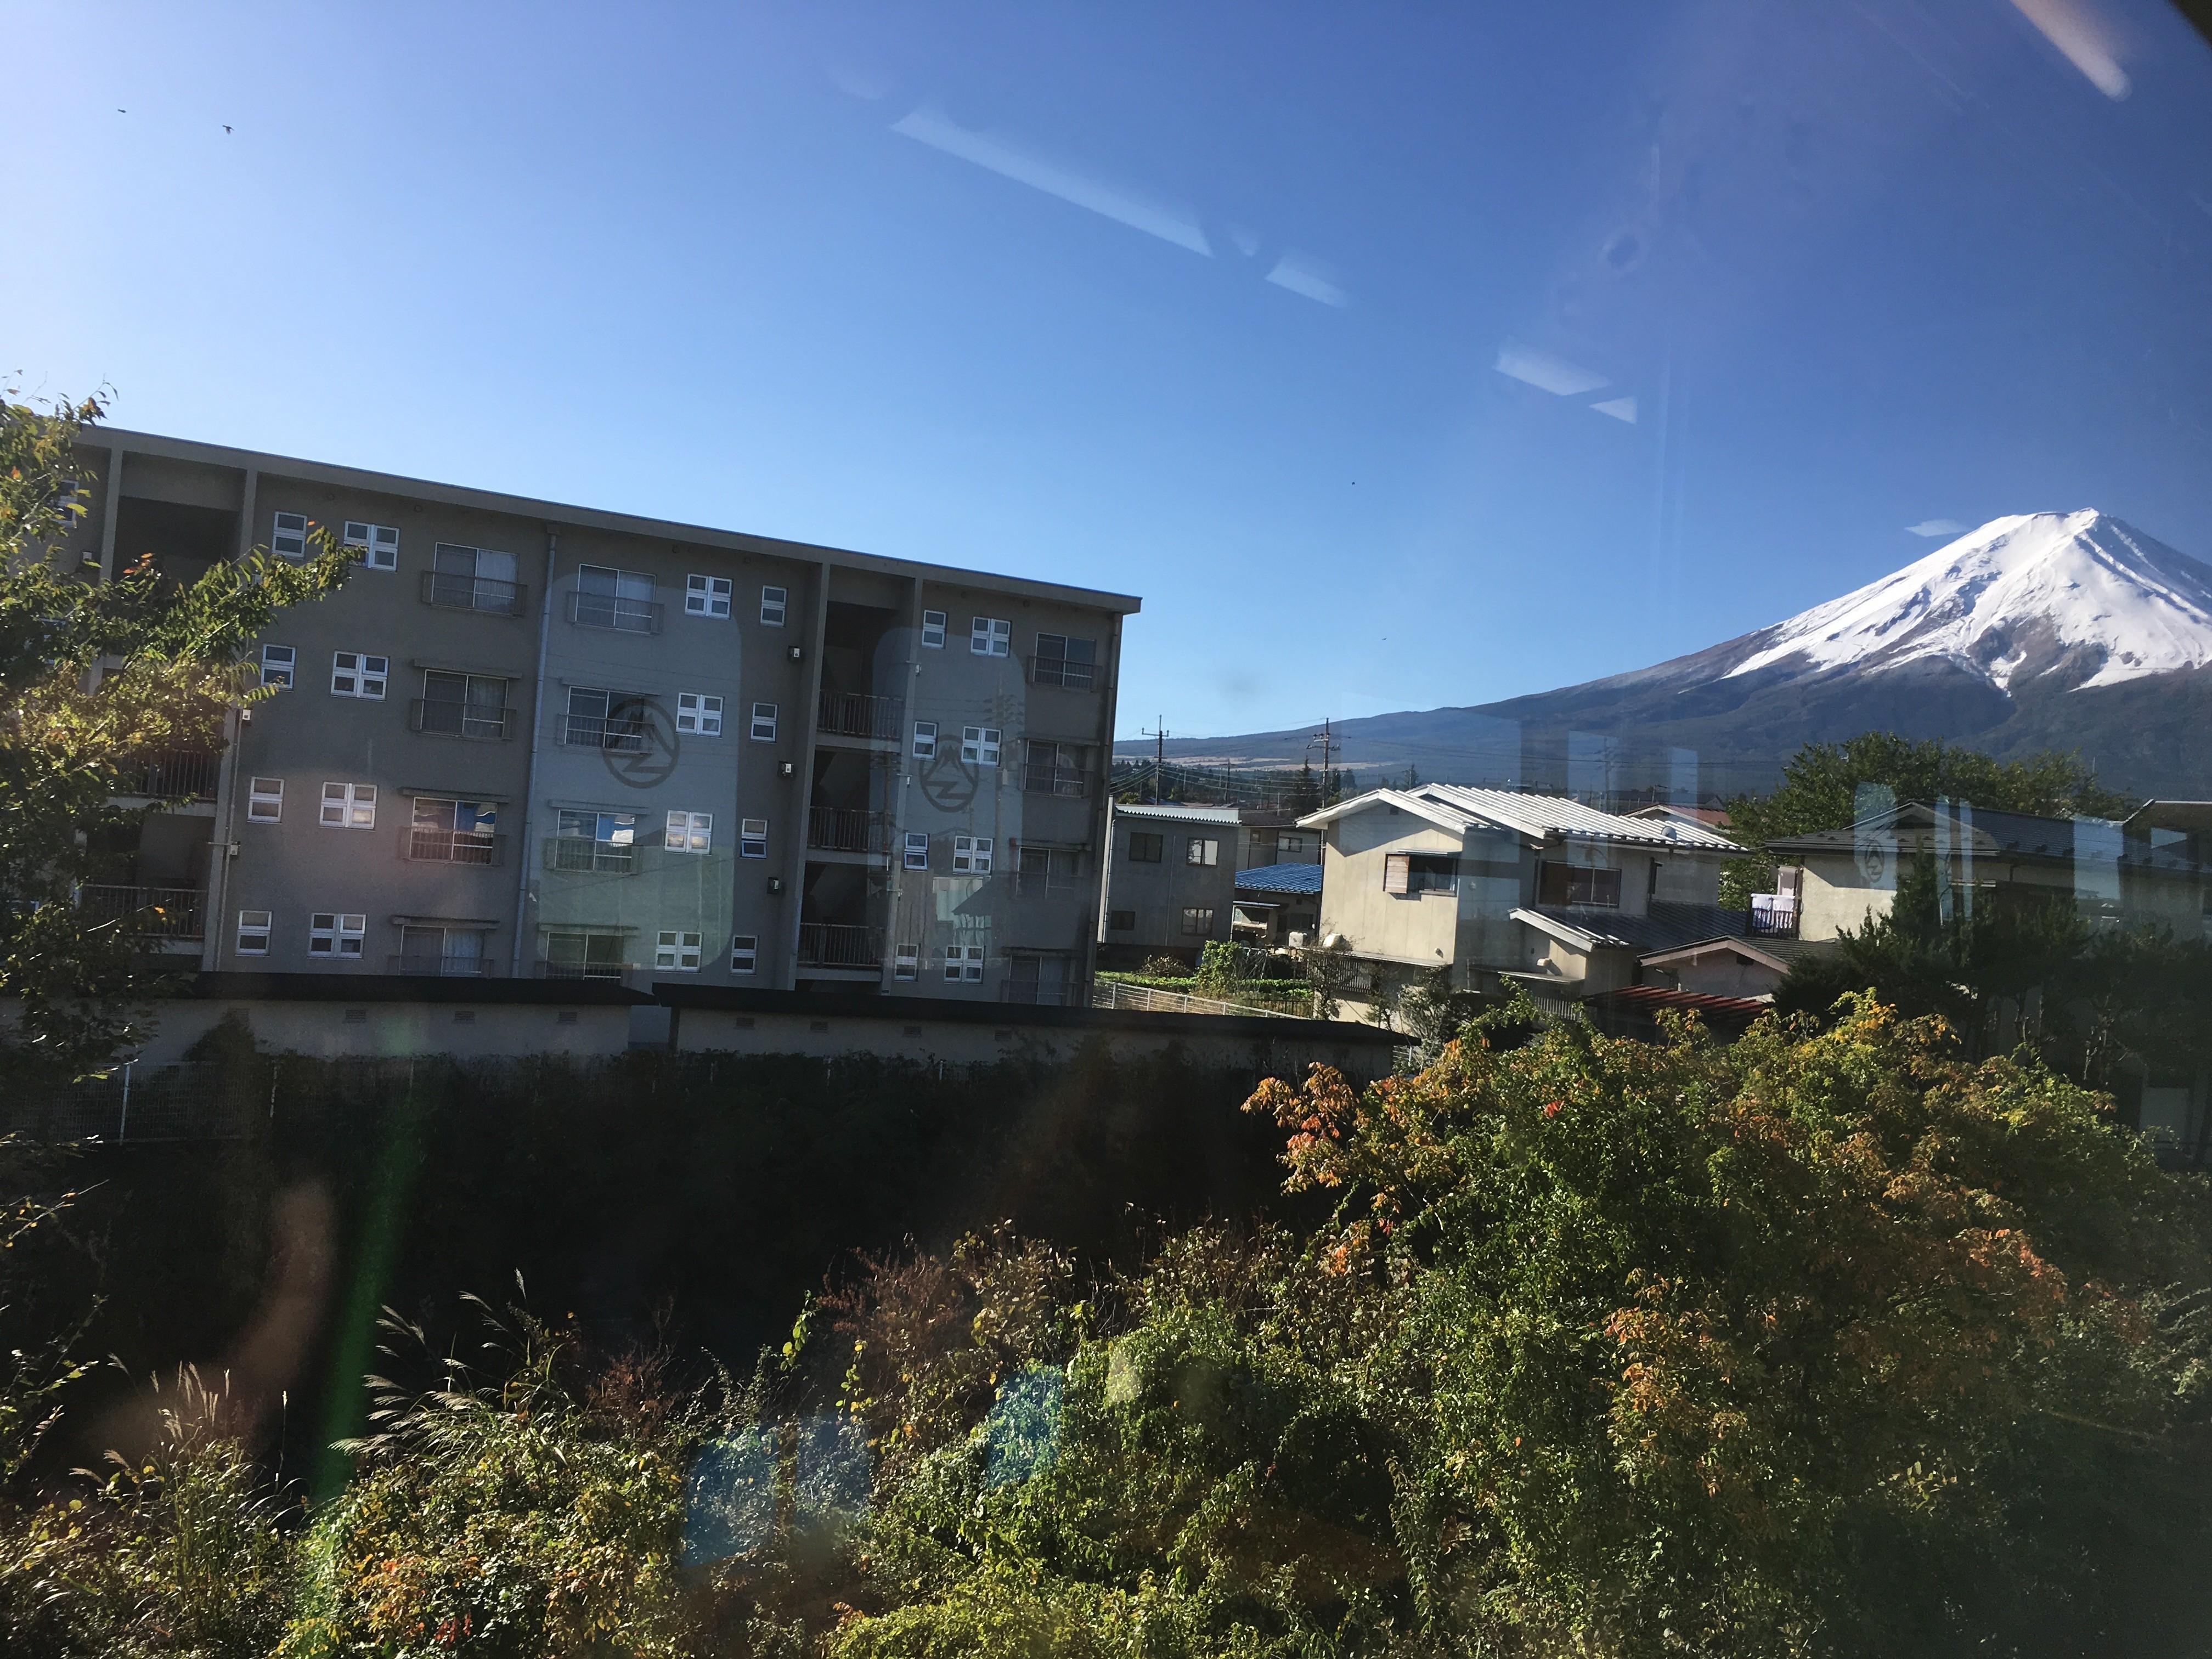 富士急行線車内(富士吉田市ときわ台1丁目周辺)から富士山を望む